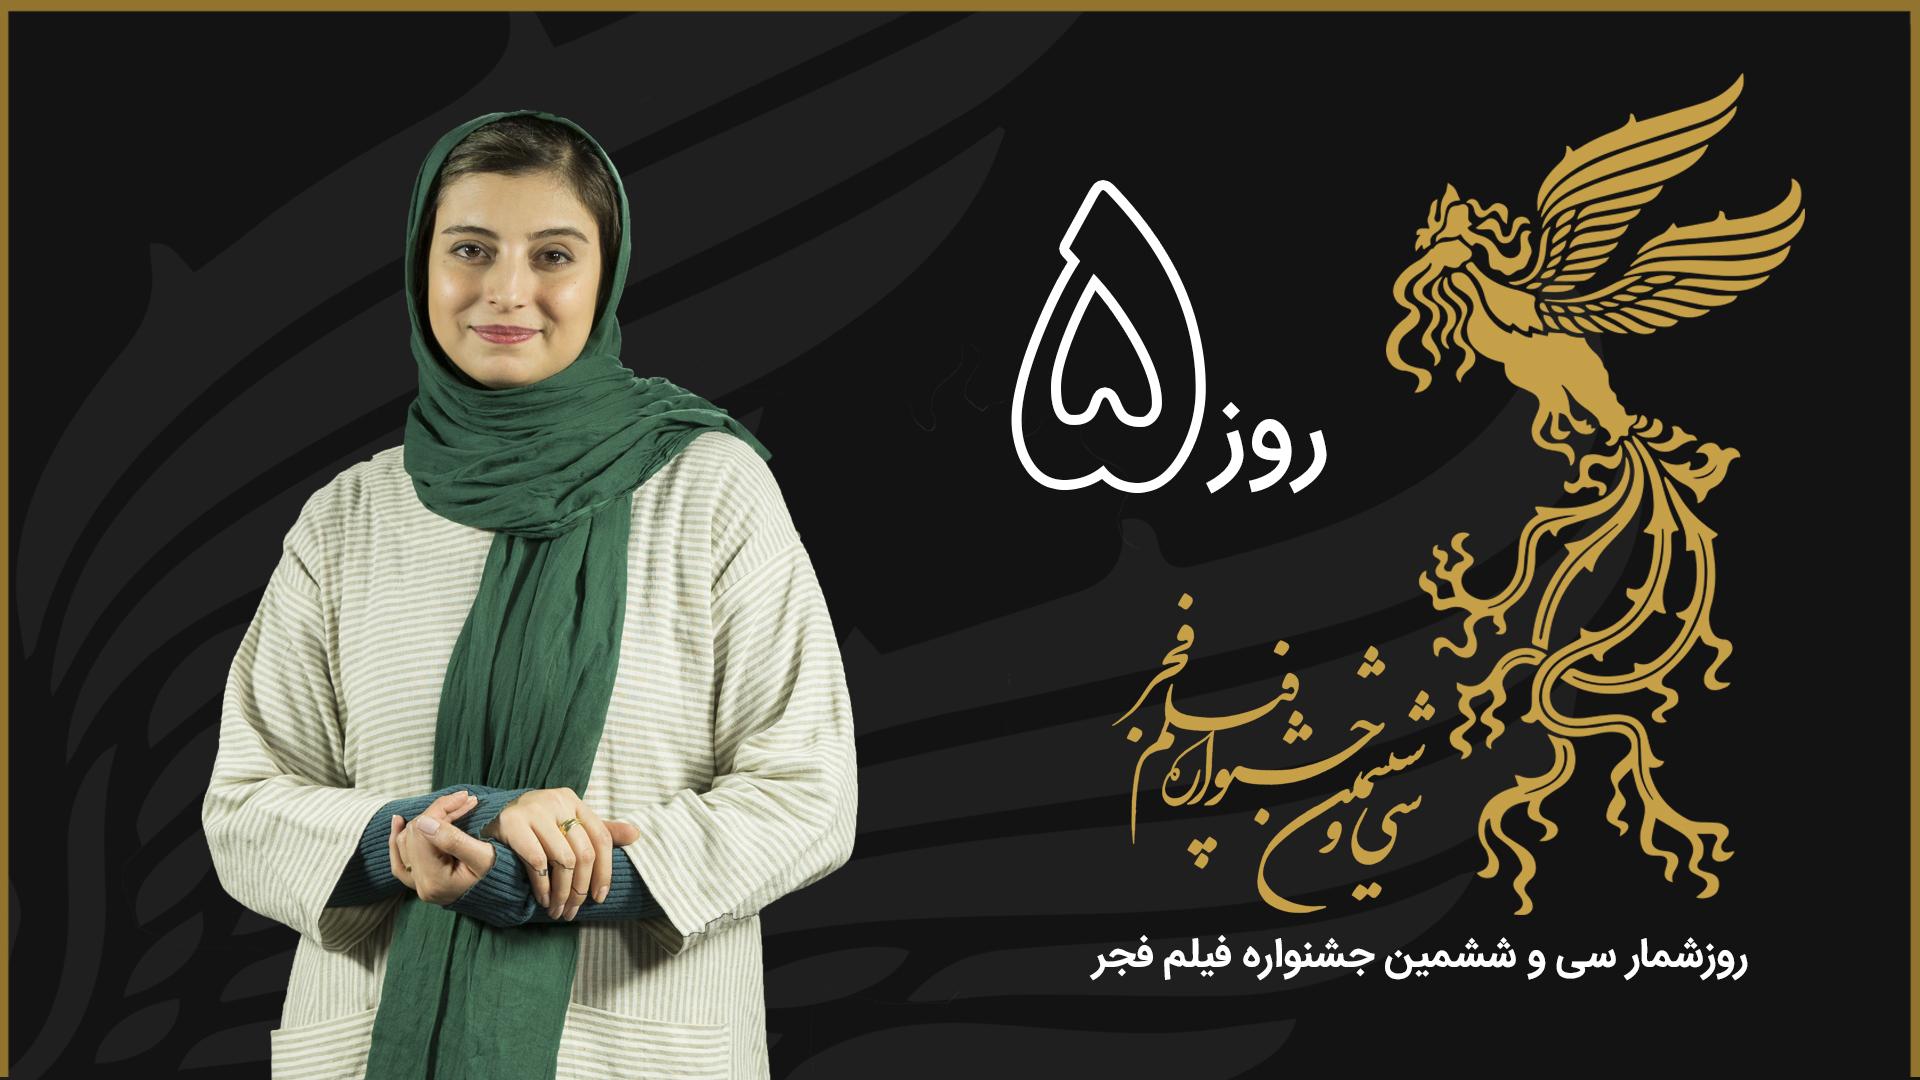 روزشمار سی و ششمین جشنواره فیلم فجر - روز پنجم